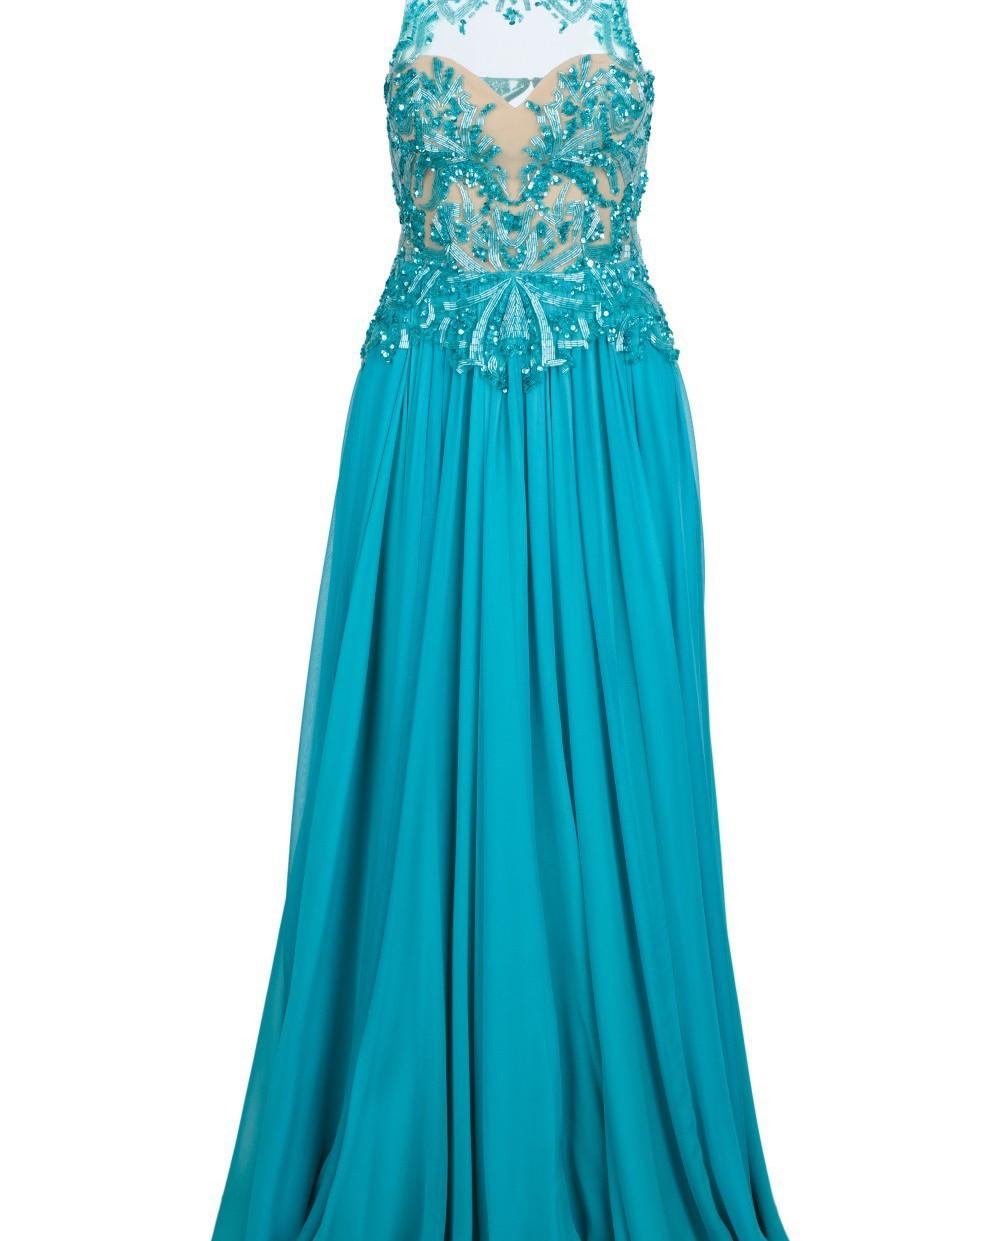 Zuhair Murad Бирюзовое платье из шелка RDRS15008DL99 изображение 5